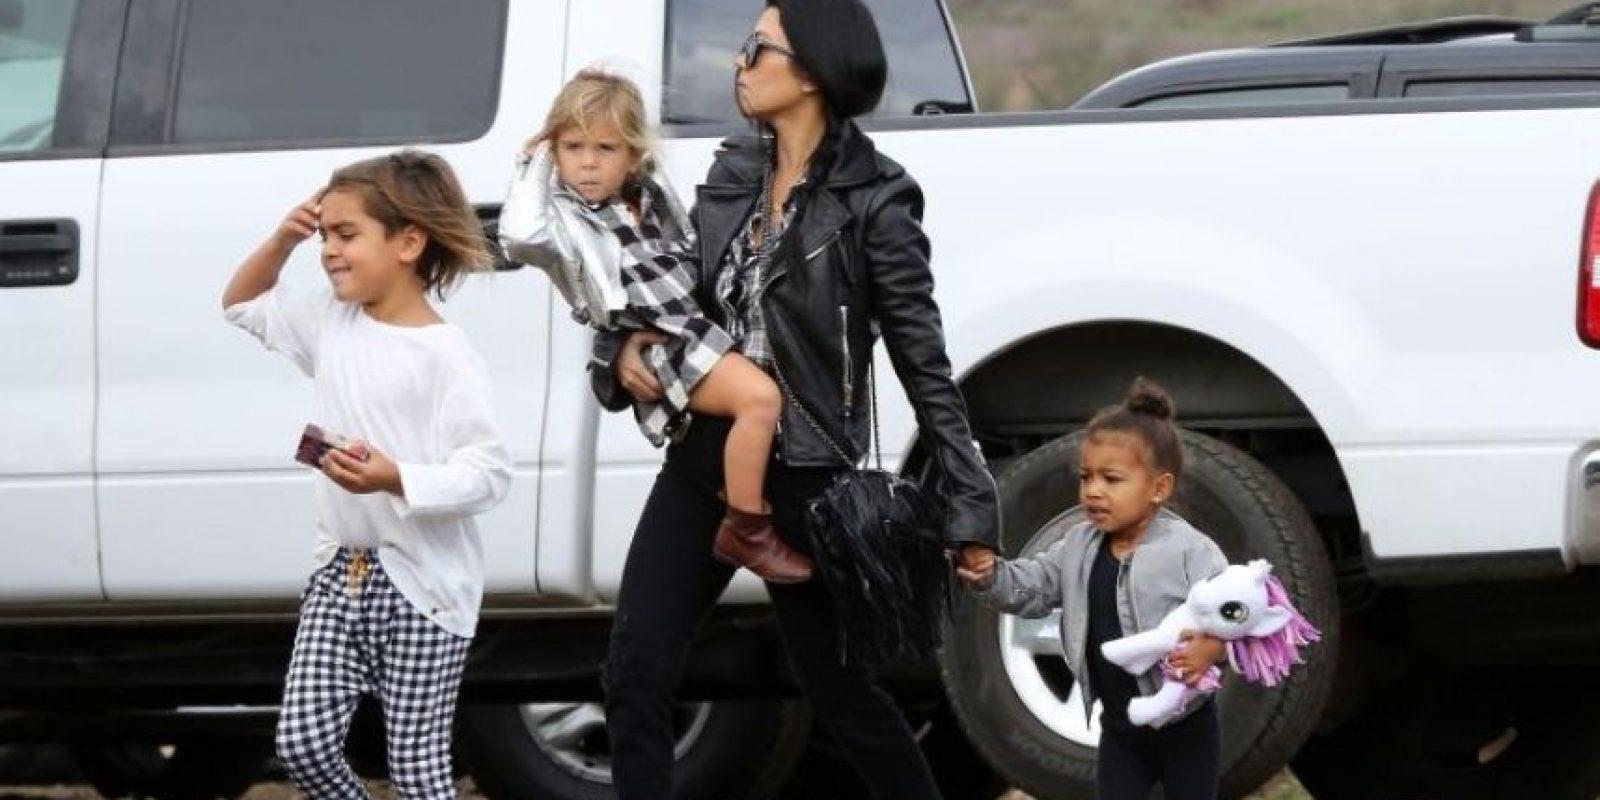 Por fortuna no le pasó nada y la hija de Kanye West se levantó y siguió caminando. Foto:Grosby Group